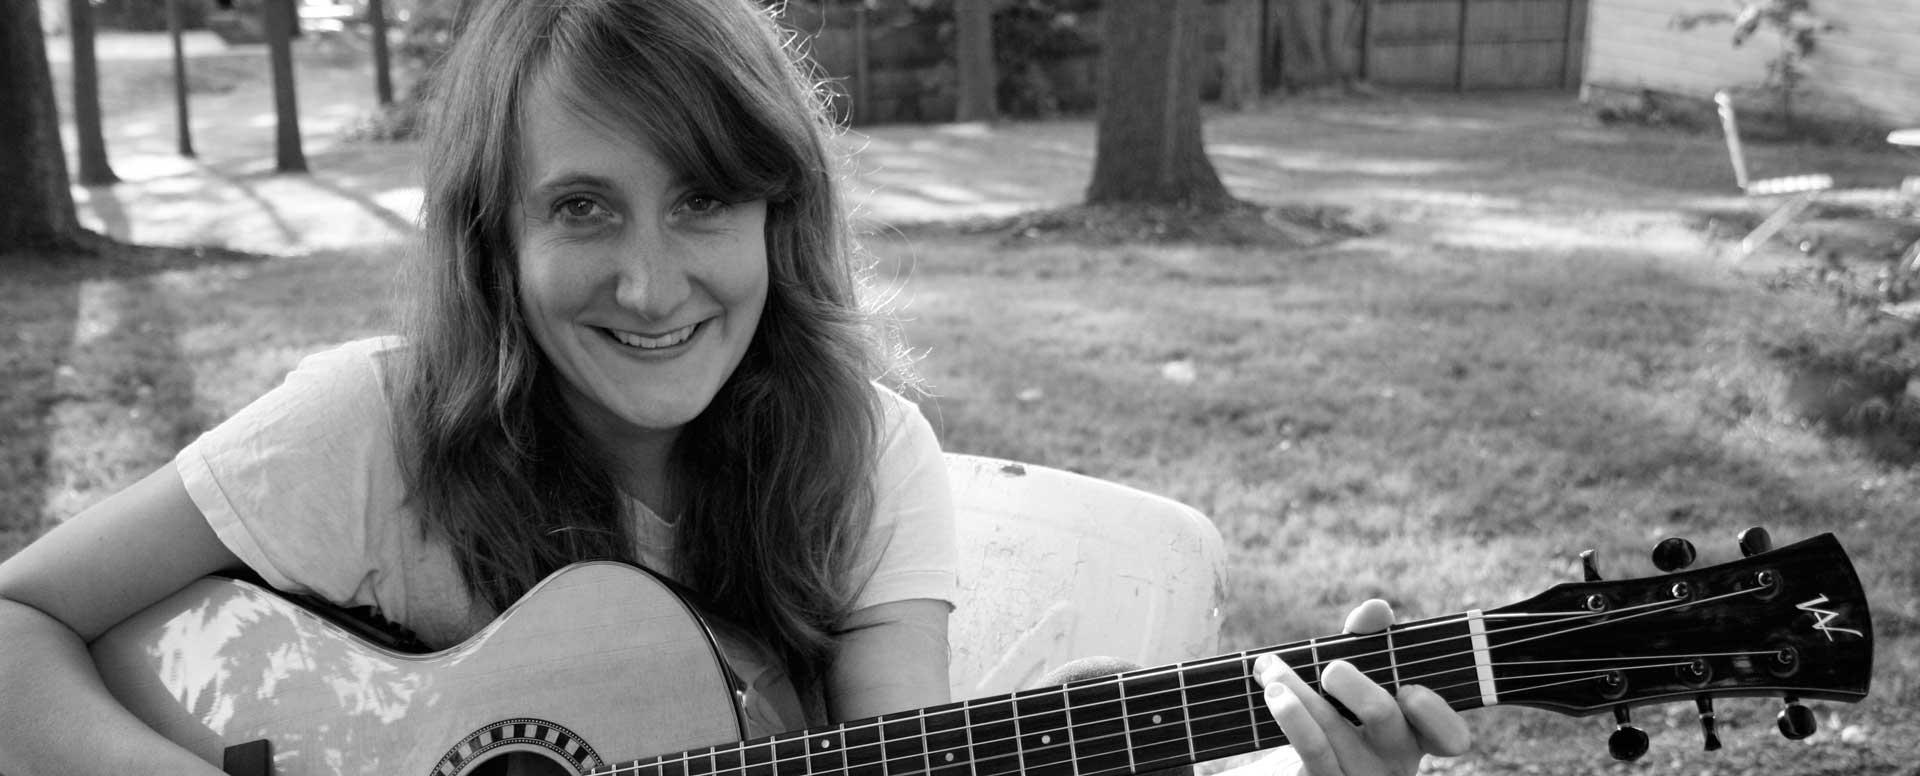 8 maart: Amanda Anne Platt & the Honeycutters